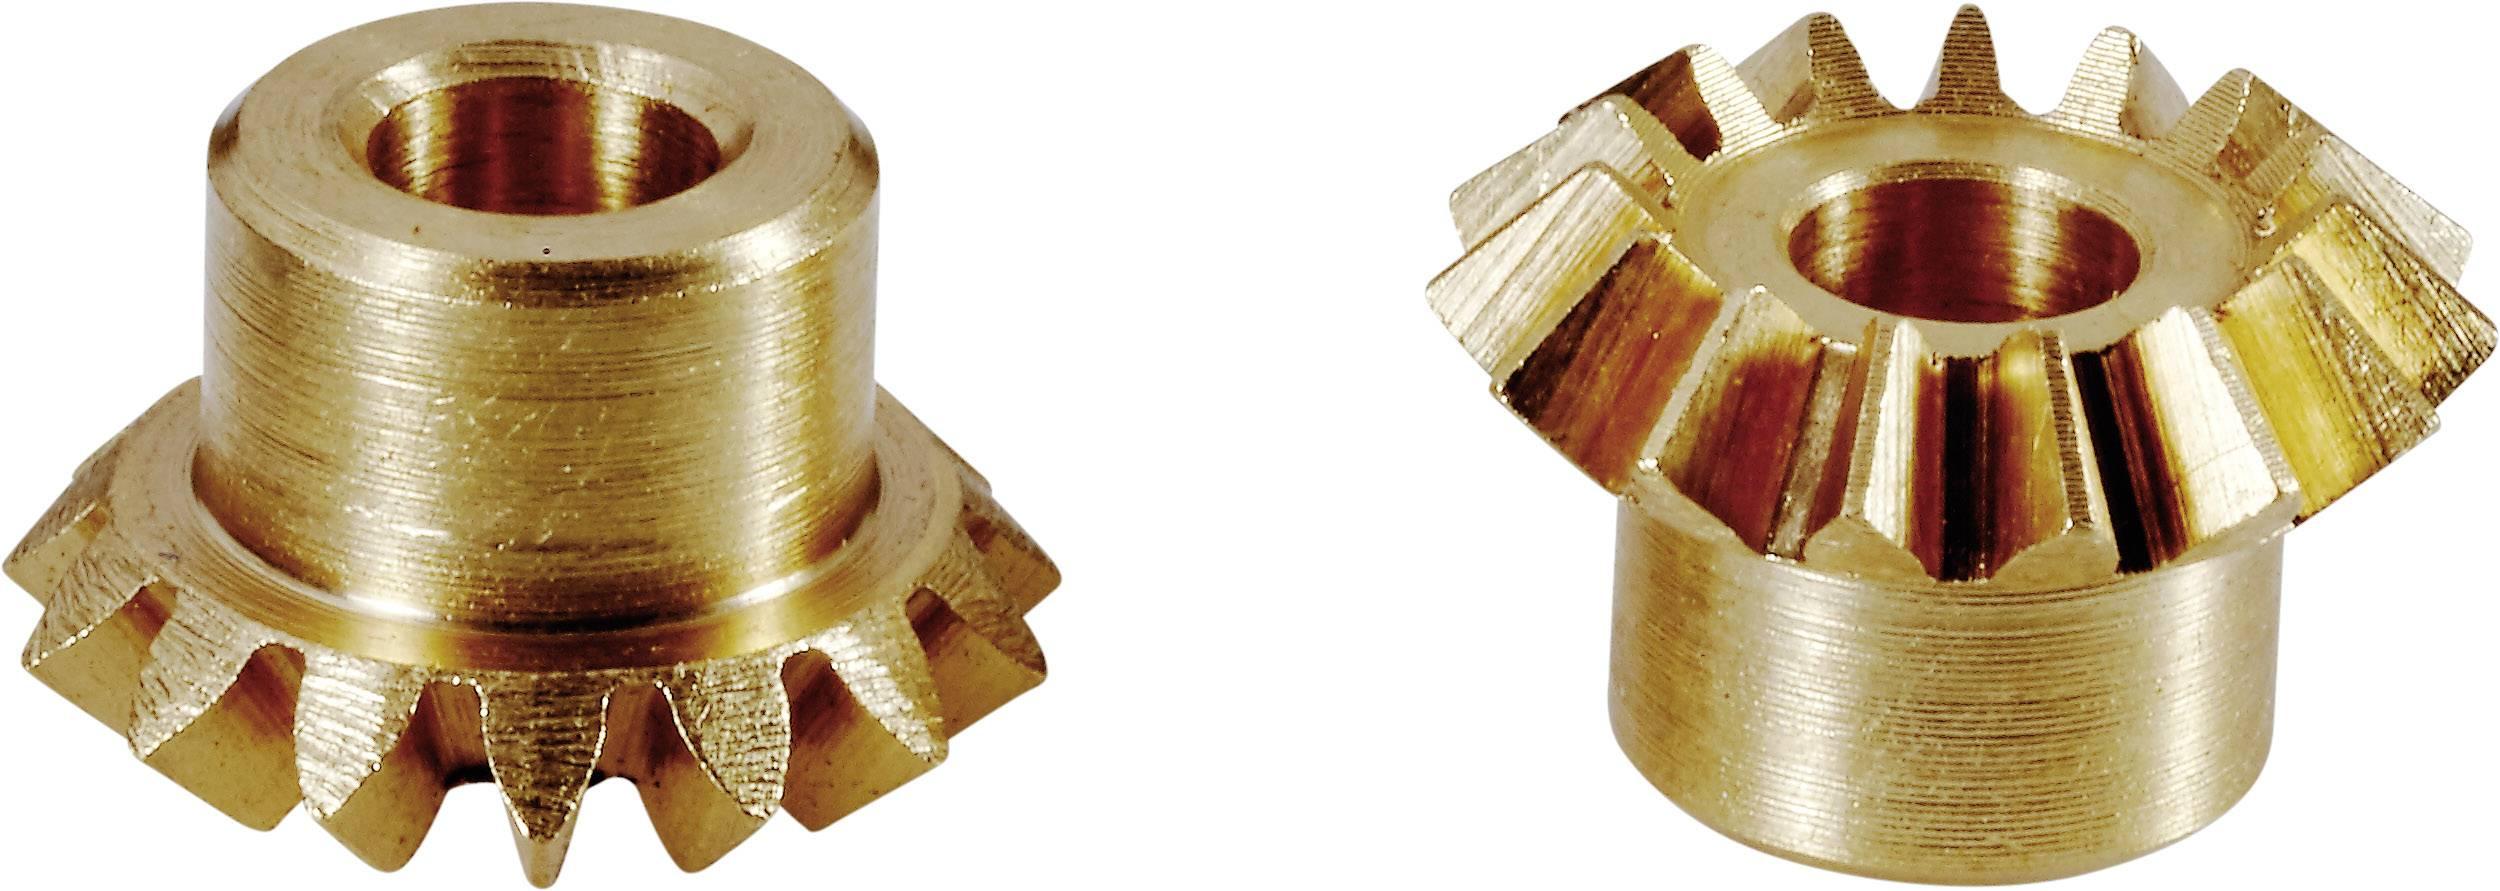 Mosazné ozubené kolo kuželové Modelcraft, M0.75, 30 zubů, 2 ks